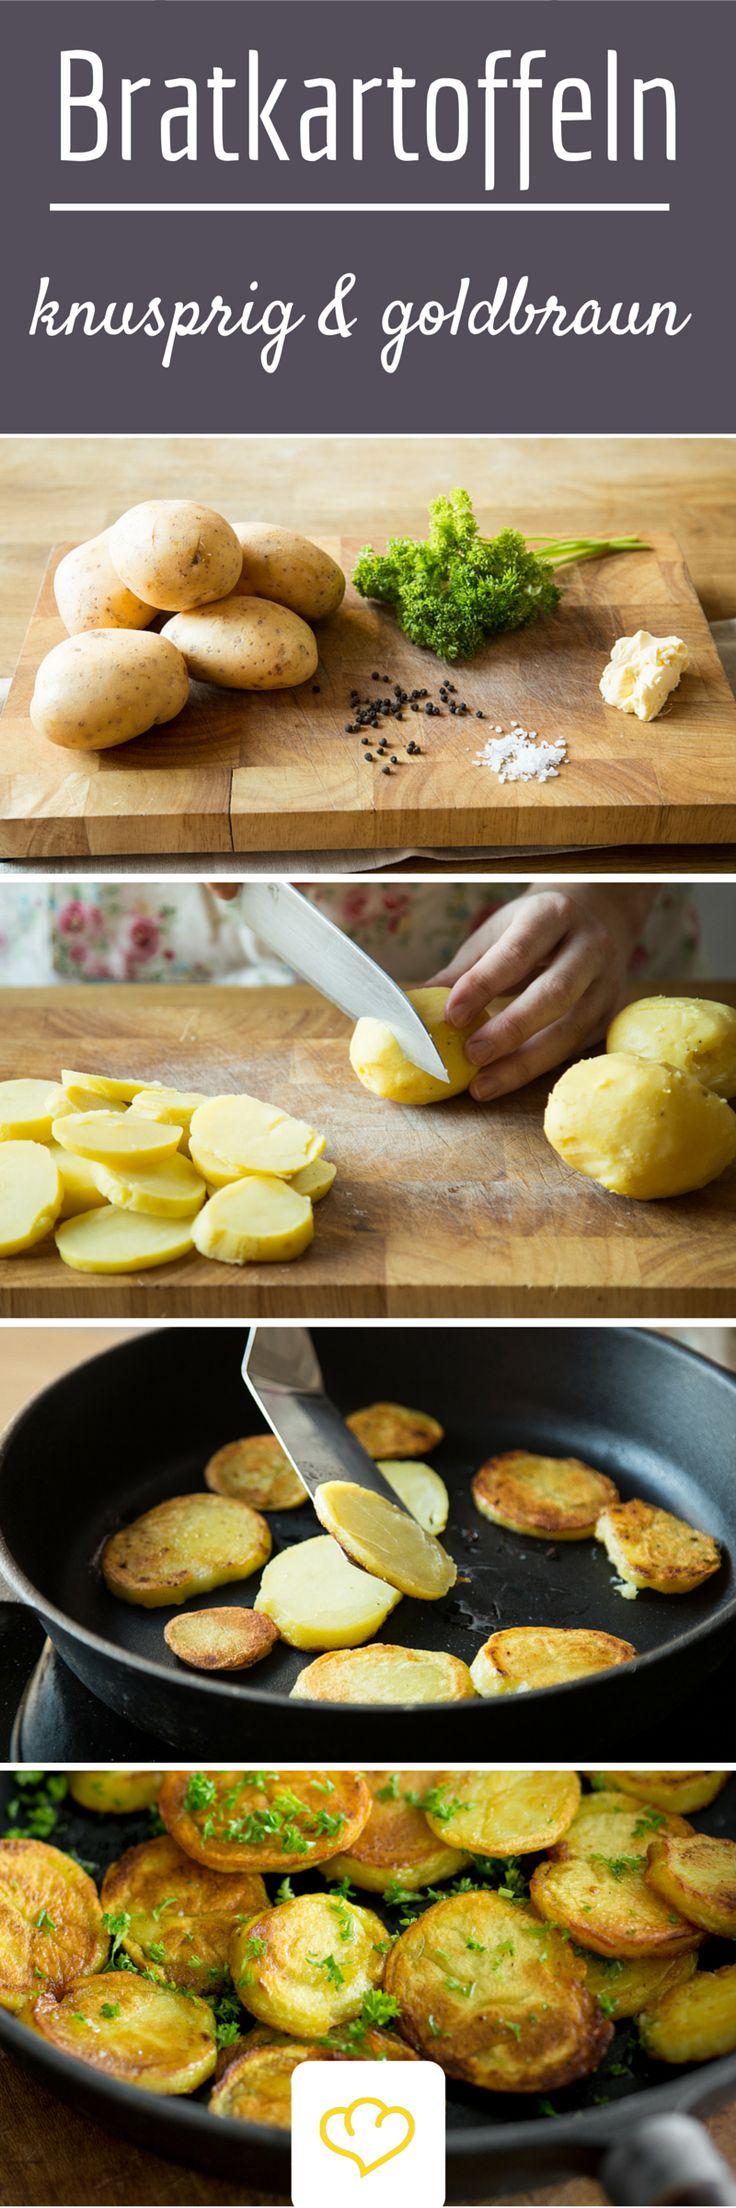 Ich bin ein Freund der einfachen Küche. Wenn aus simplen Zutaten und ein paar Gewürzen eine herzhafte, wärmende Mahlzeit entsteht, bin ich zufrieden. Da Bratkartoffeln diese Punkte erfüllen ist die gelbe Knolle ein willkommener Gast in meiner Bratpfanne. Das deftige Gericht ist simpel, bodenständig und zweckerfüllend – nämlich sättigend.